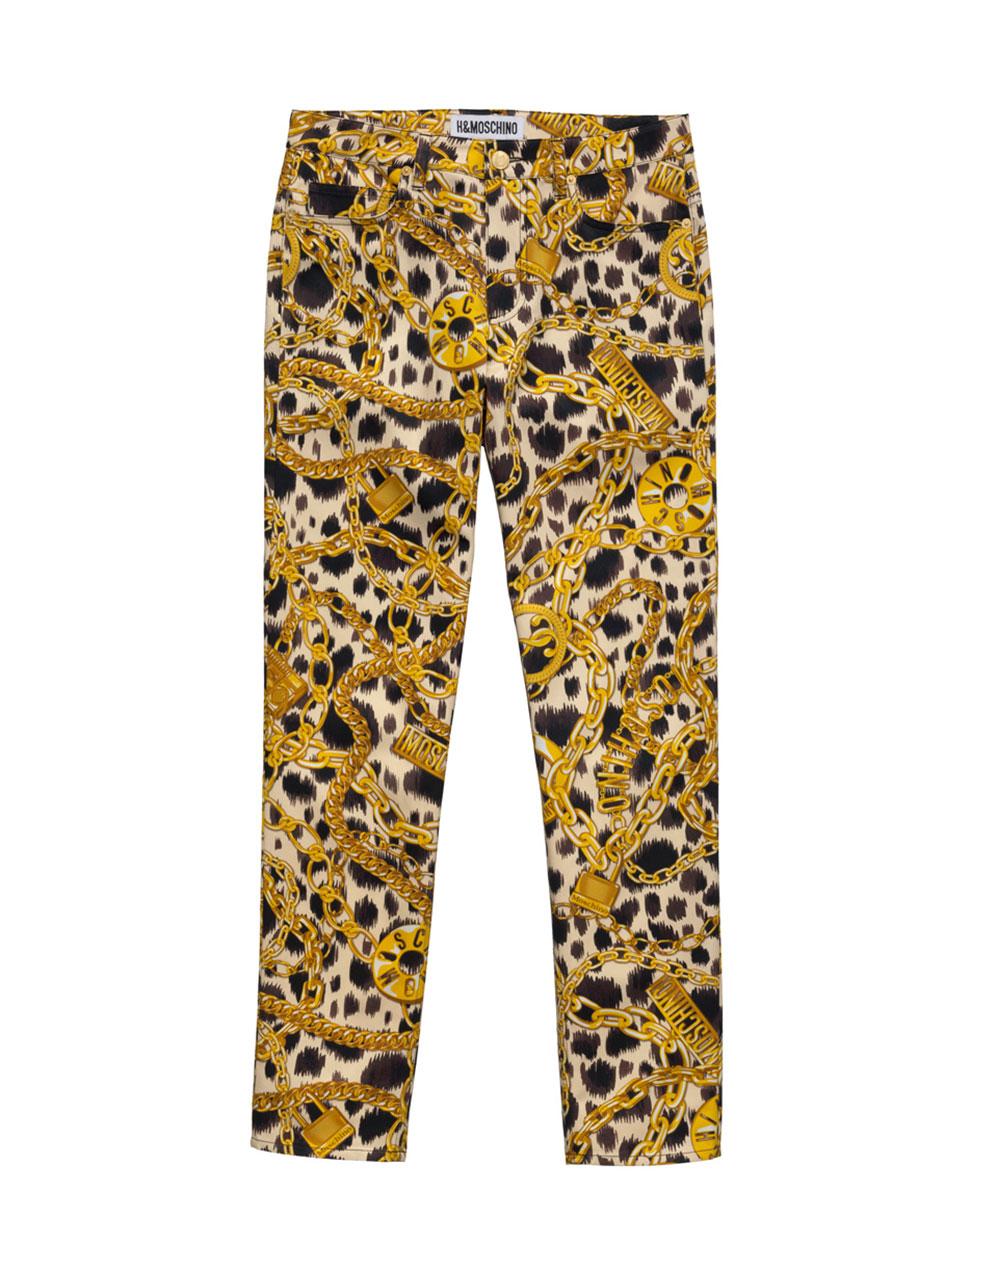 Byxor med leopard- och kedjetyg från H&M x Moschino